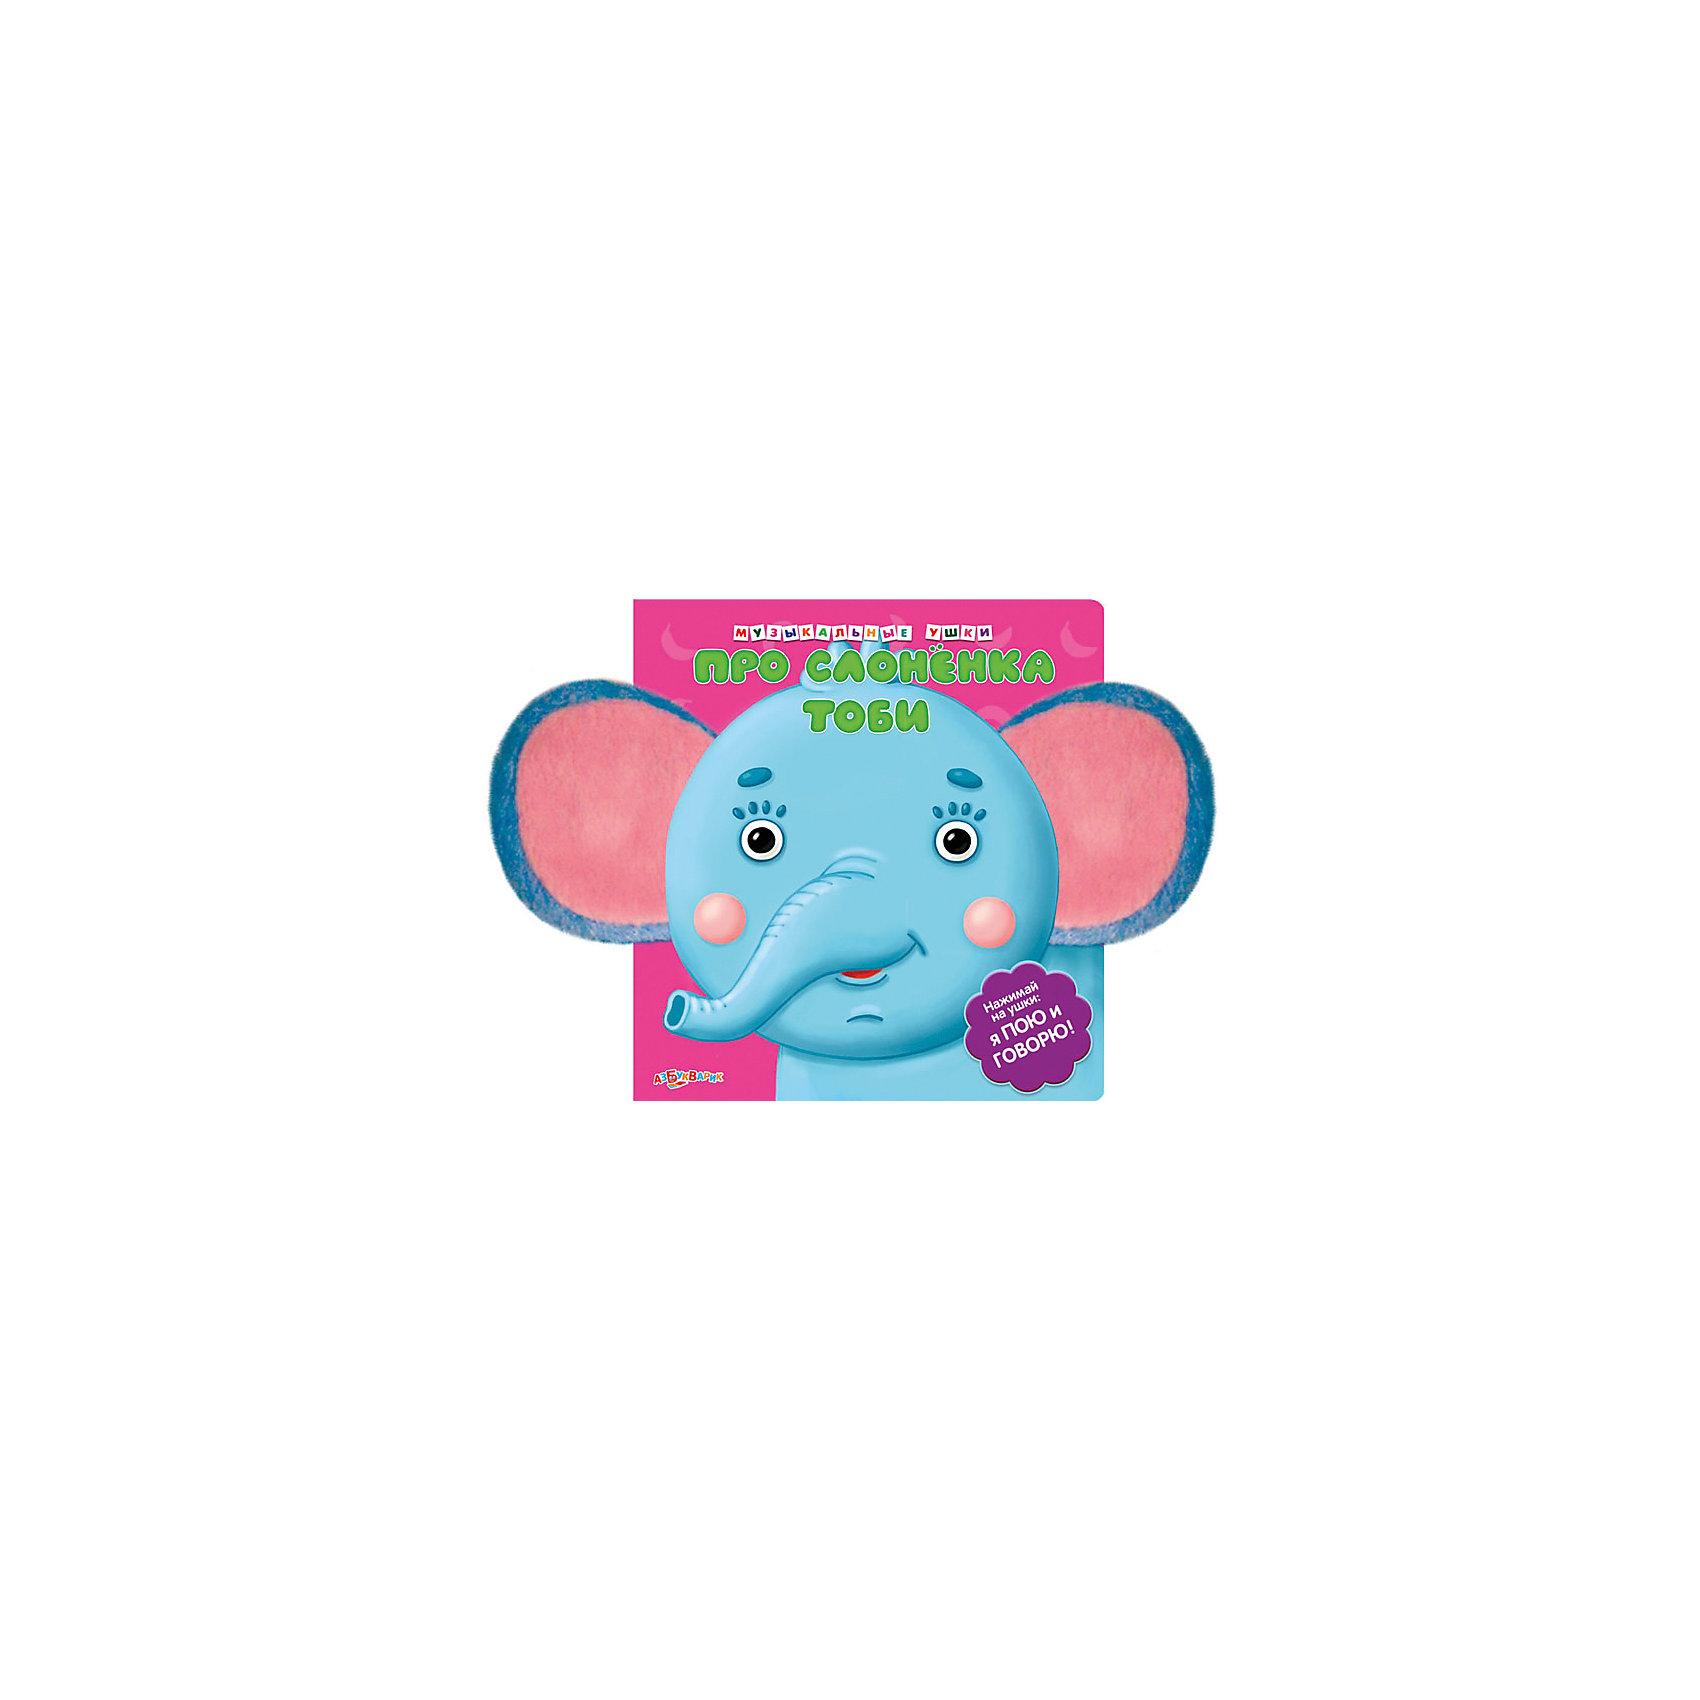 Книга Про слоненка Тоби. Музыкальные ушкиКнига Про слоненка Тоби. Музыкальные ушки – это красочно иллюстрированная картонная книга с тканевыми музыкальными ушками.<br>Забавная книжка Про слоненка Тоби. Музыкальные ушки познакомит малыша со слонёнком Тоби и его друзьями. Нажав на мягкие музыкальные ушки, ребёнок услышит образовательную песенку и приветствие героя книги.<br><br>Дополнительная информация:<br><br>- Автор стихов: А. Садовская<br>- Художник: М. Гусева<br>- Издательство: Азбукварик Групп<br>- Серия: Музыкальные ушки<br>- Тип обложки: картон<br>- Оформление: тканевые ушки со звуковым модулем<br>- Количество страниц: 12 (картон)<br>- Иллюстрации: цветные<br>- Батарейки: 3 типа AG13 (в комплекте демонстрационные)<br>- Размер: 150х15х160 мм.<br>- Вес: 257 гр.<br><br>Книгу Про слоненка Тоби. Музыкальные ушки можно купить в нашем интернет-магазине.<br><br>Ширина мм: 150<br>Глубина мм: 15<br>Высота мм: 160<br>Вес г: 257<br>Возраст от месяцев: 12<br>Возраст до месяцев: 36<br>Пол: Унисекс<br>Возраст: Детский<br>SKU: 4663789